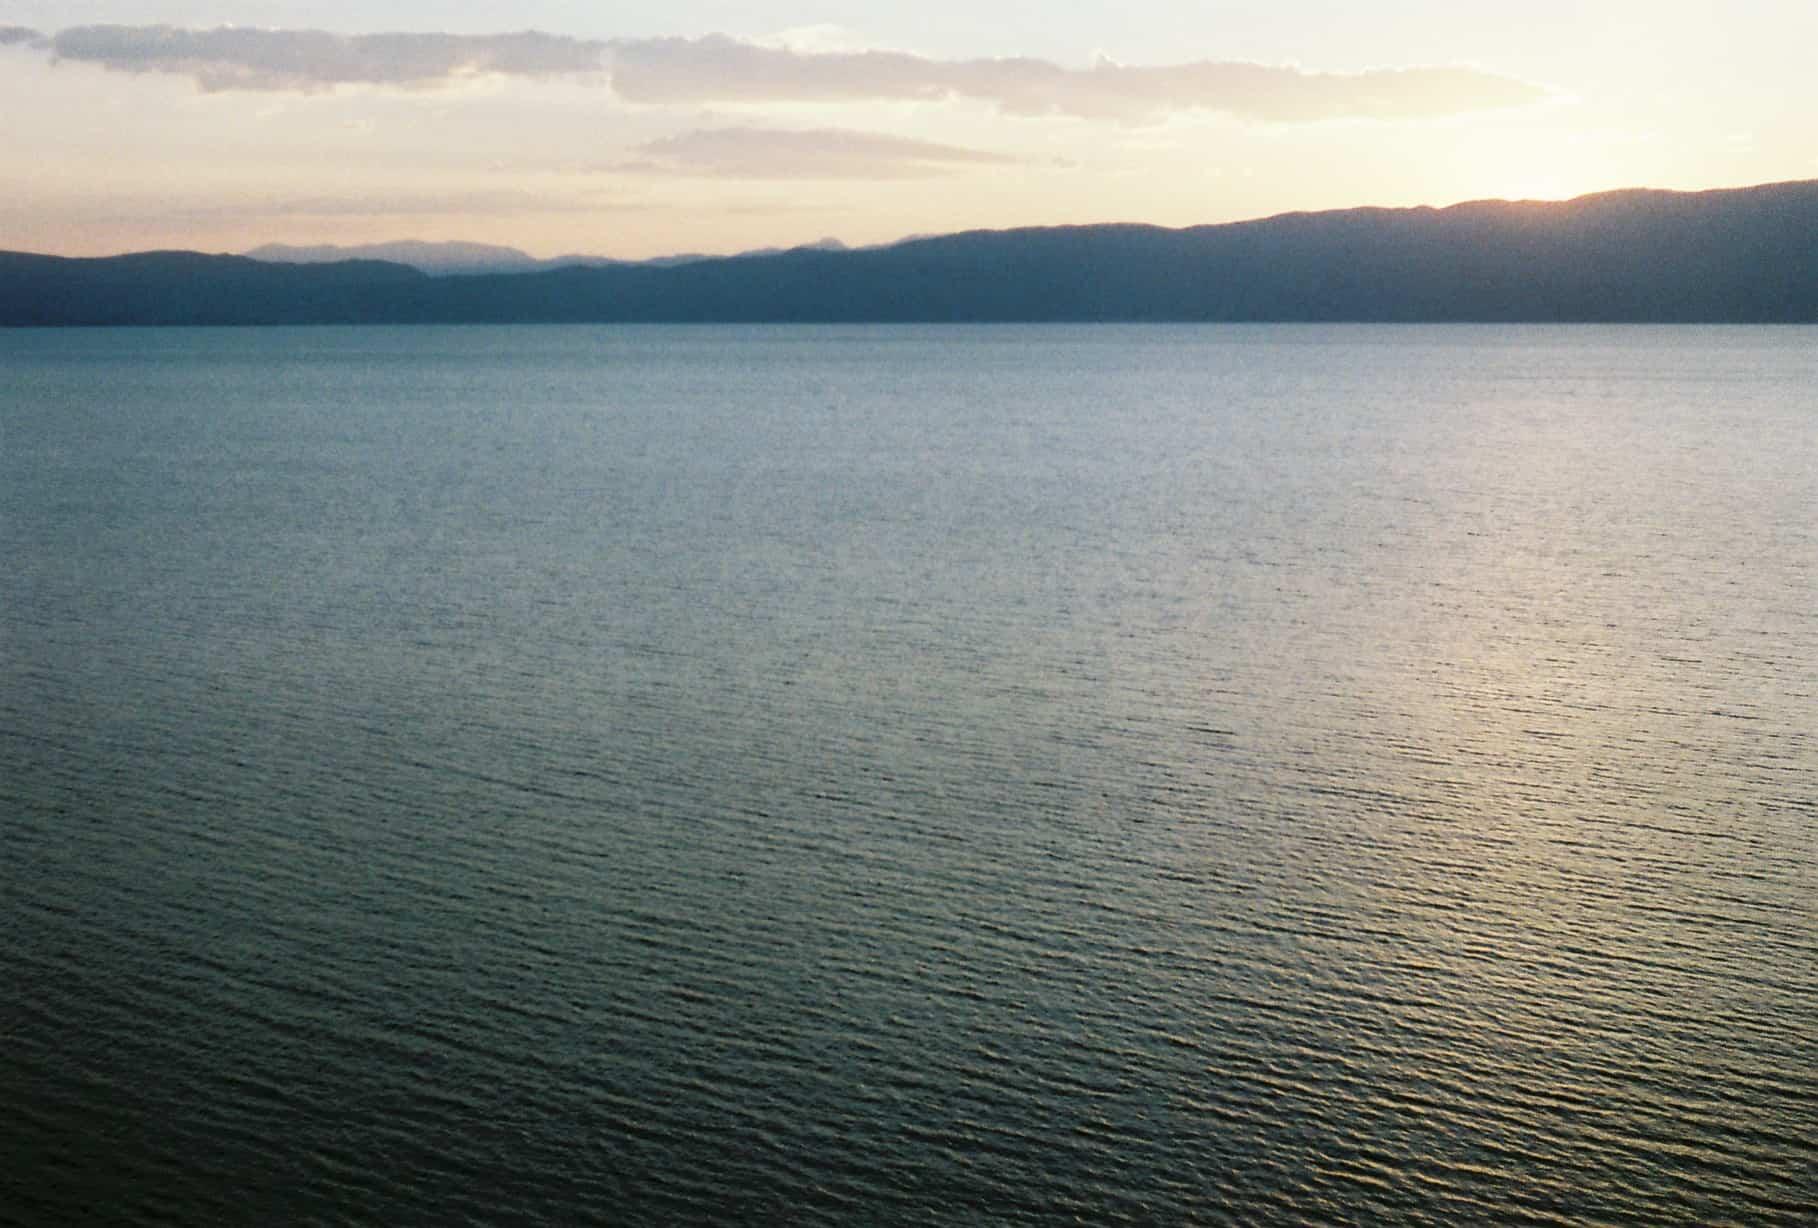 Expanse of lake